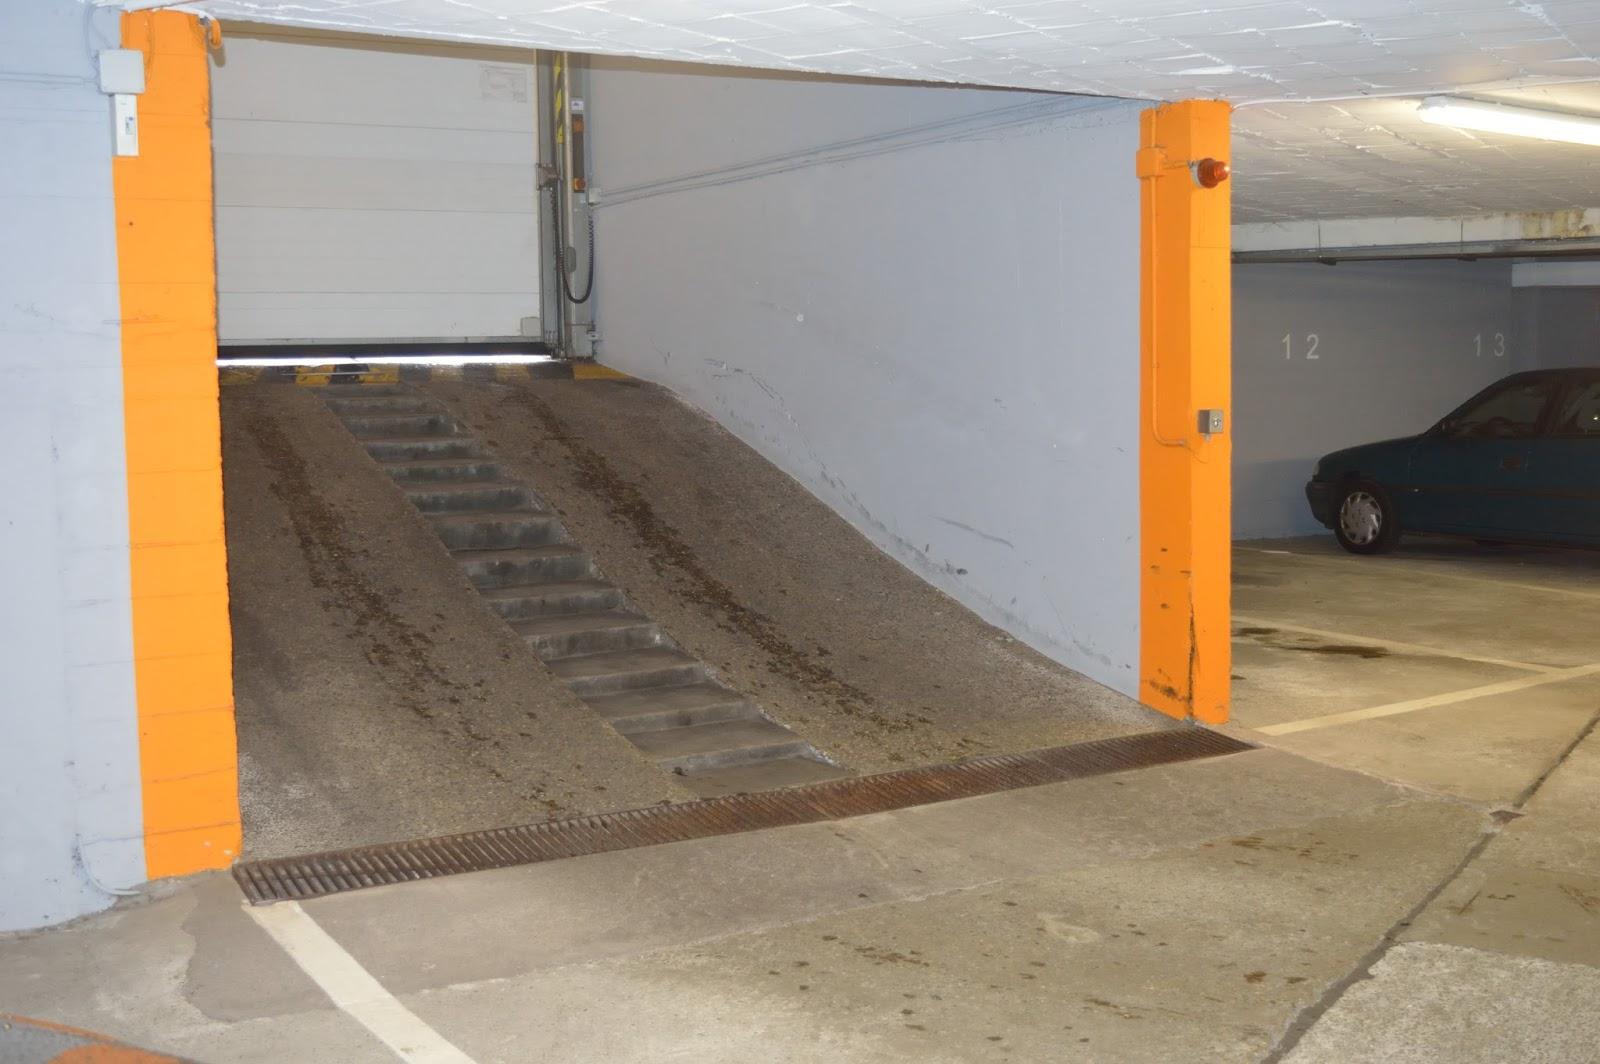 Petitbou t parpetitbou t c 39 est chouette aussi la mont e du garage - Monter une porte de garage ...